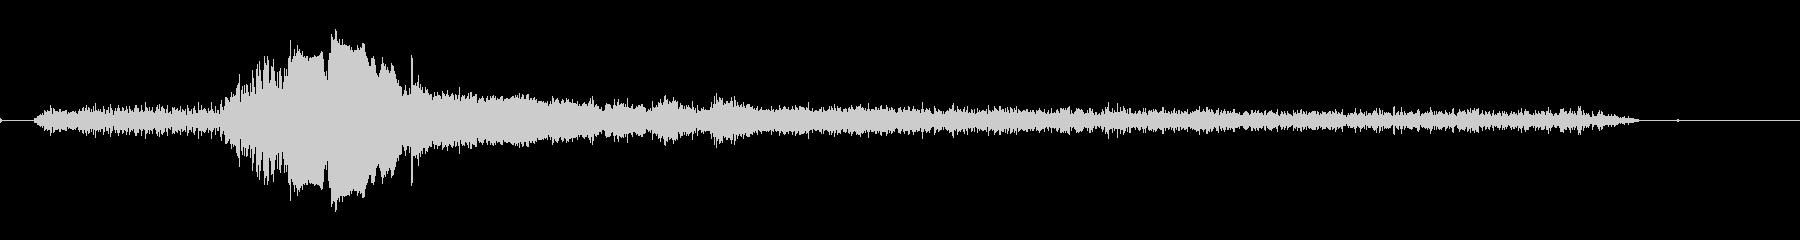 ドラッグスター-車-標準-ホームの未再生の波形